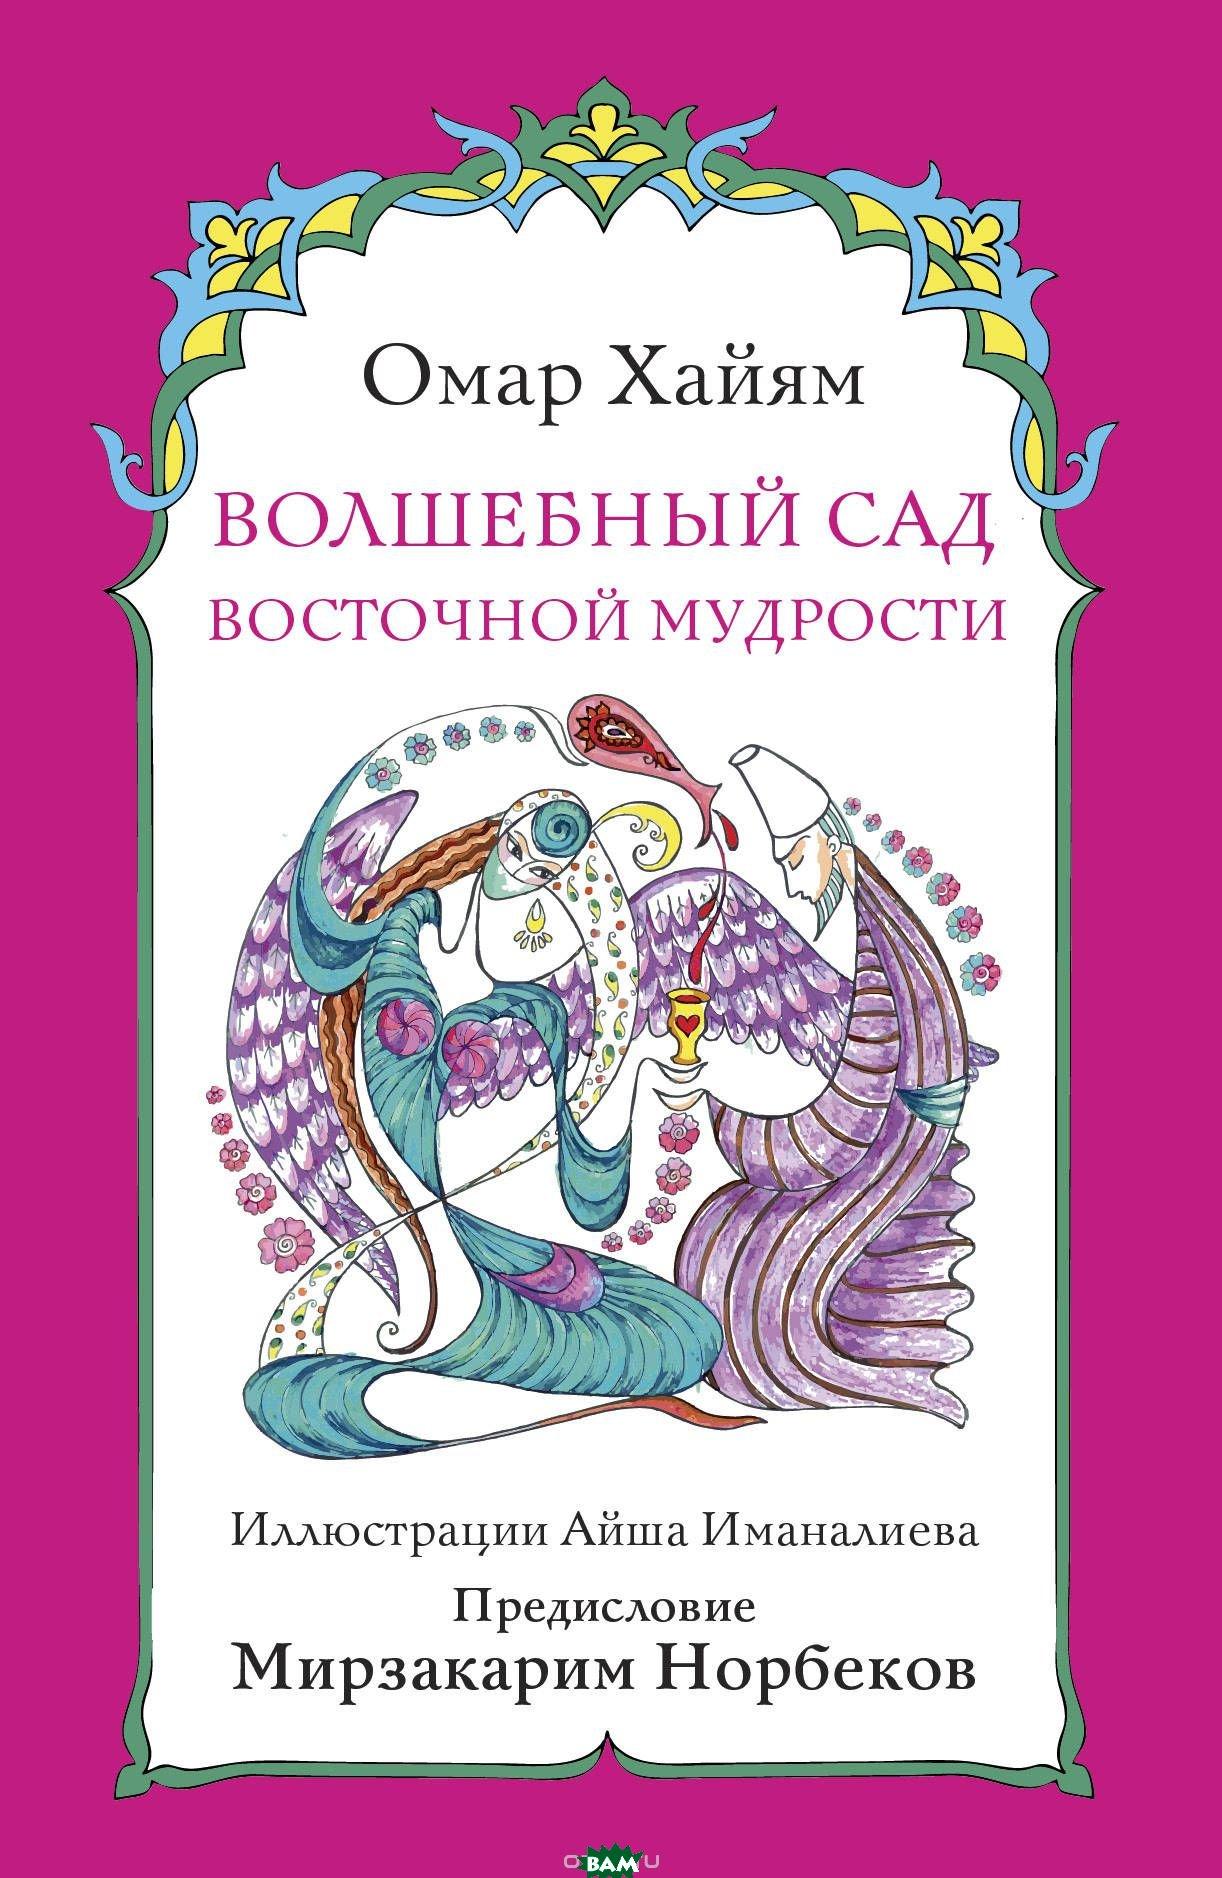 Купить Волшебный сад восточной мудрости, АСТ, Хайям Омар, 978-5-17-108826-2